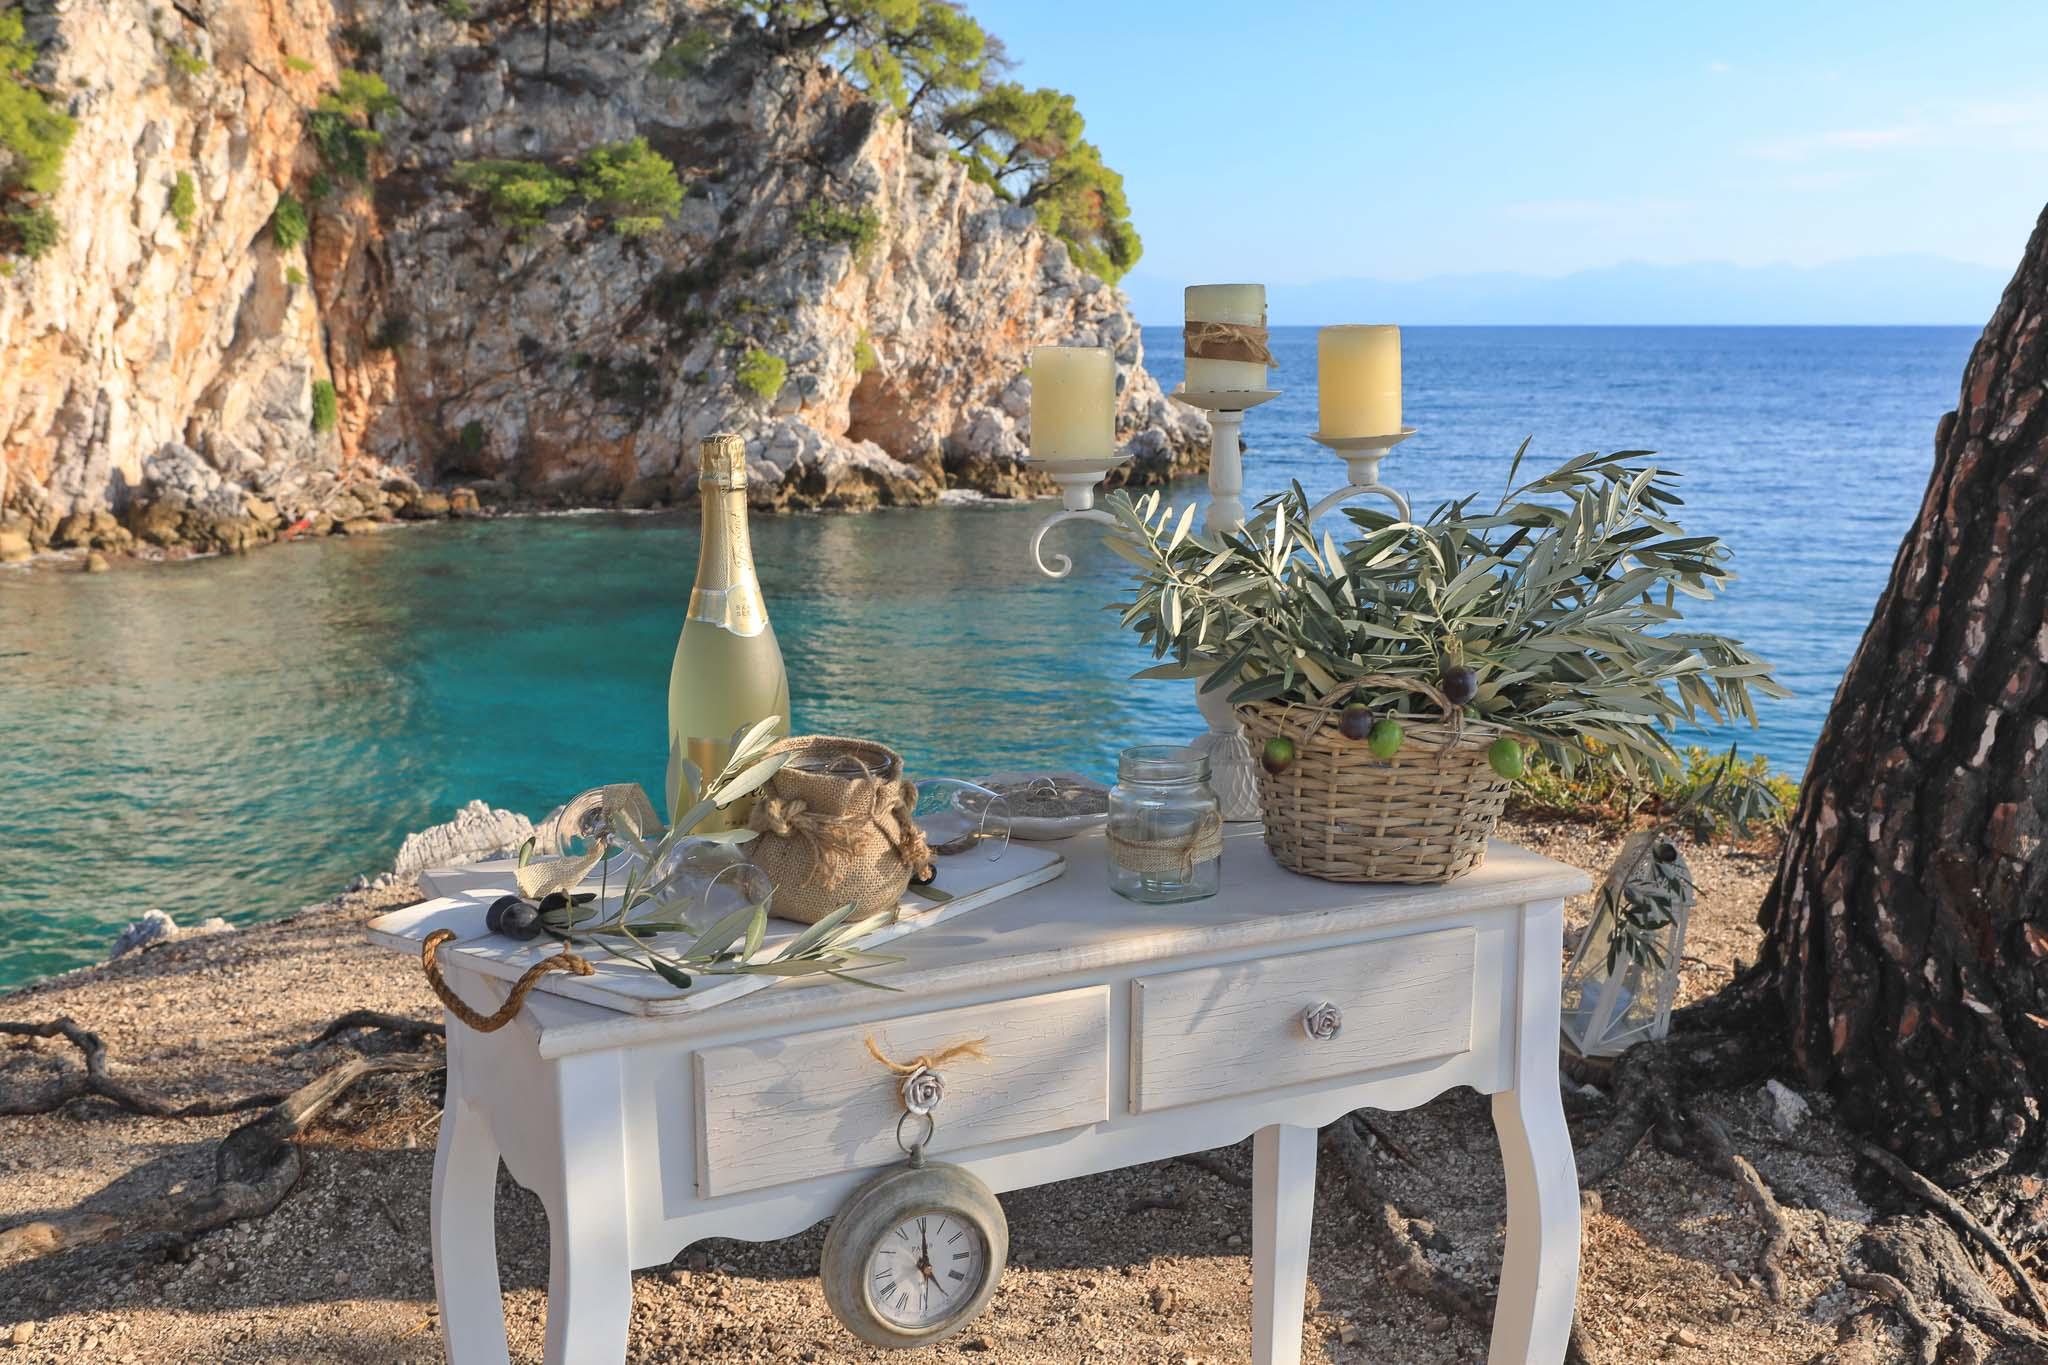 Ostrůvek Skopelos představuje ideální místo pro vaši svatbu v Řecku, kterou si tu užijete v naprostém soukromí.